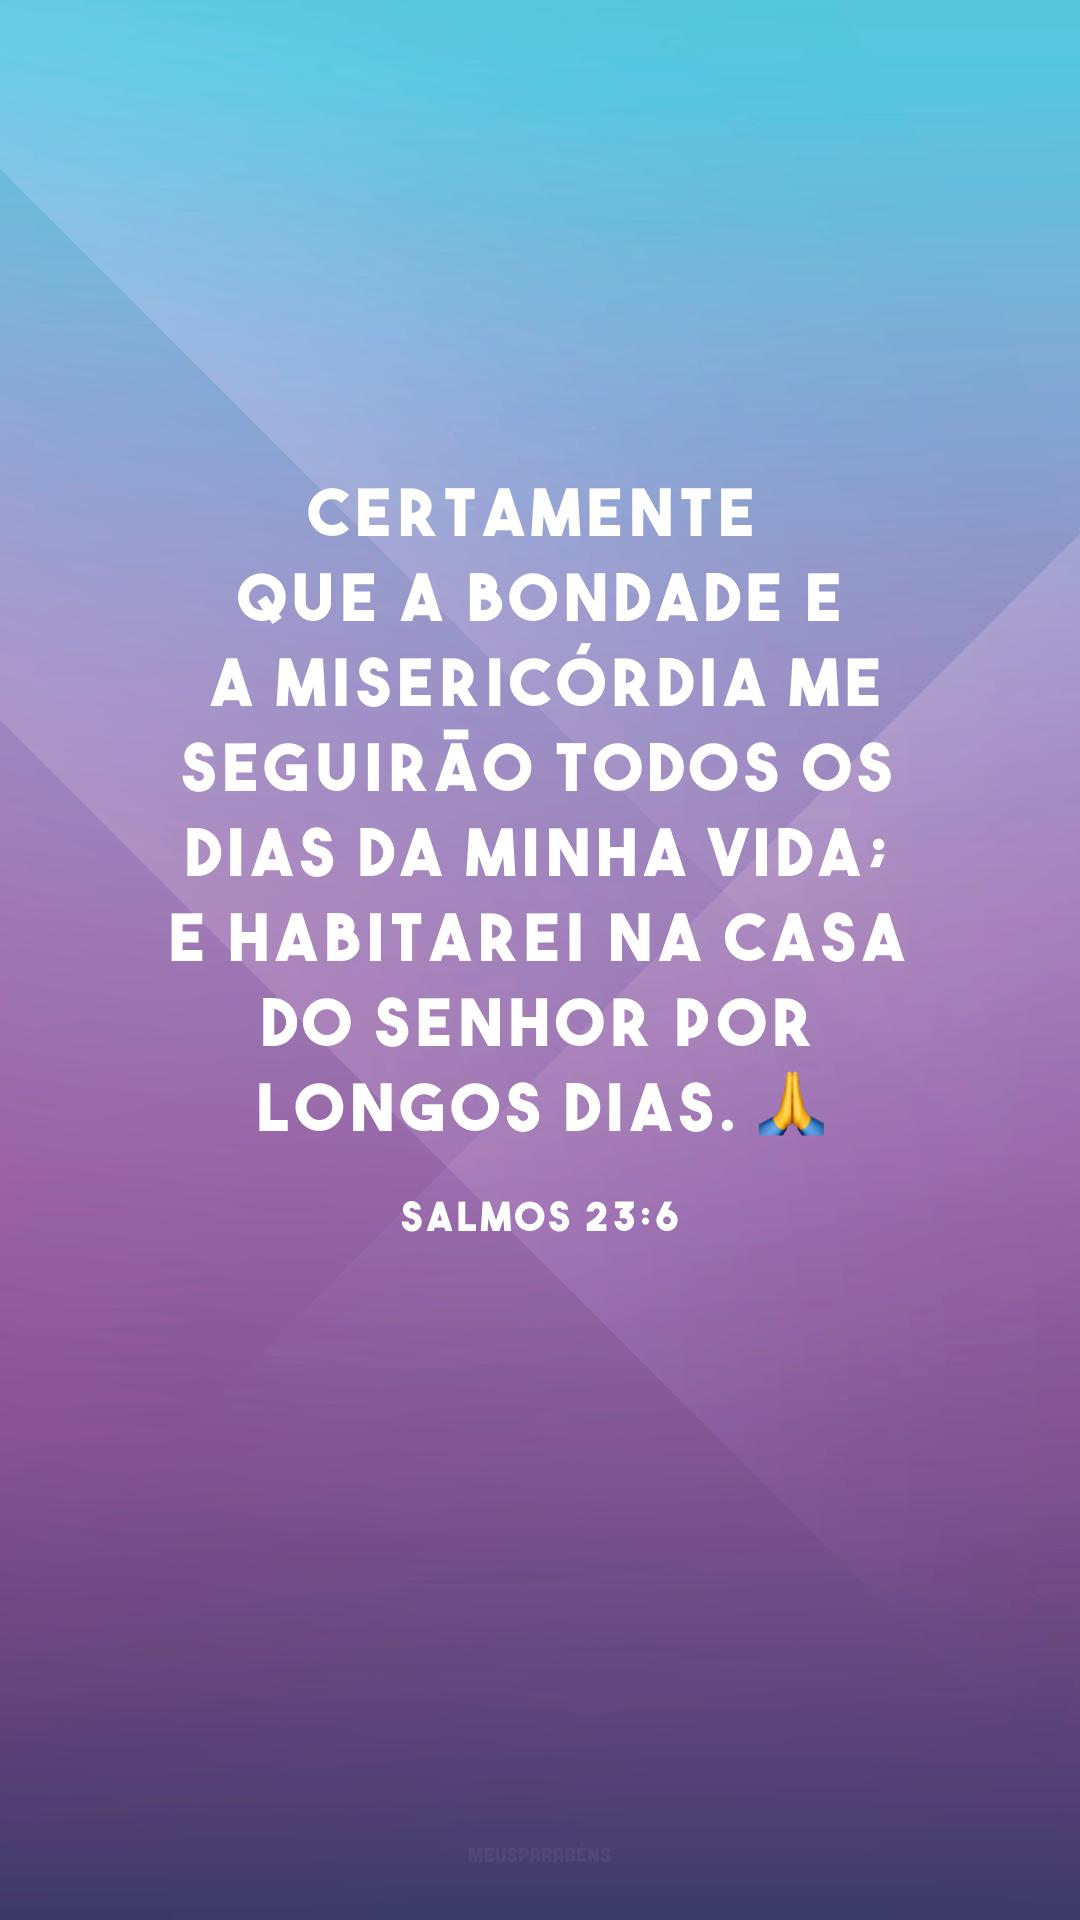 Certamente que a bondade e a misericórdia me seguirão todos os dias da minha vida; e habitarei na casa do Senhor por longos dias. 🙏